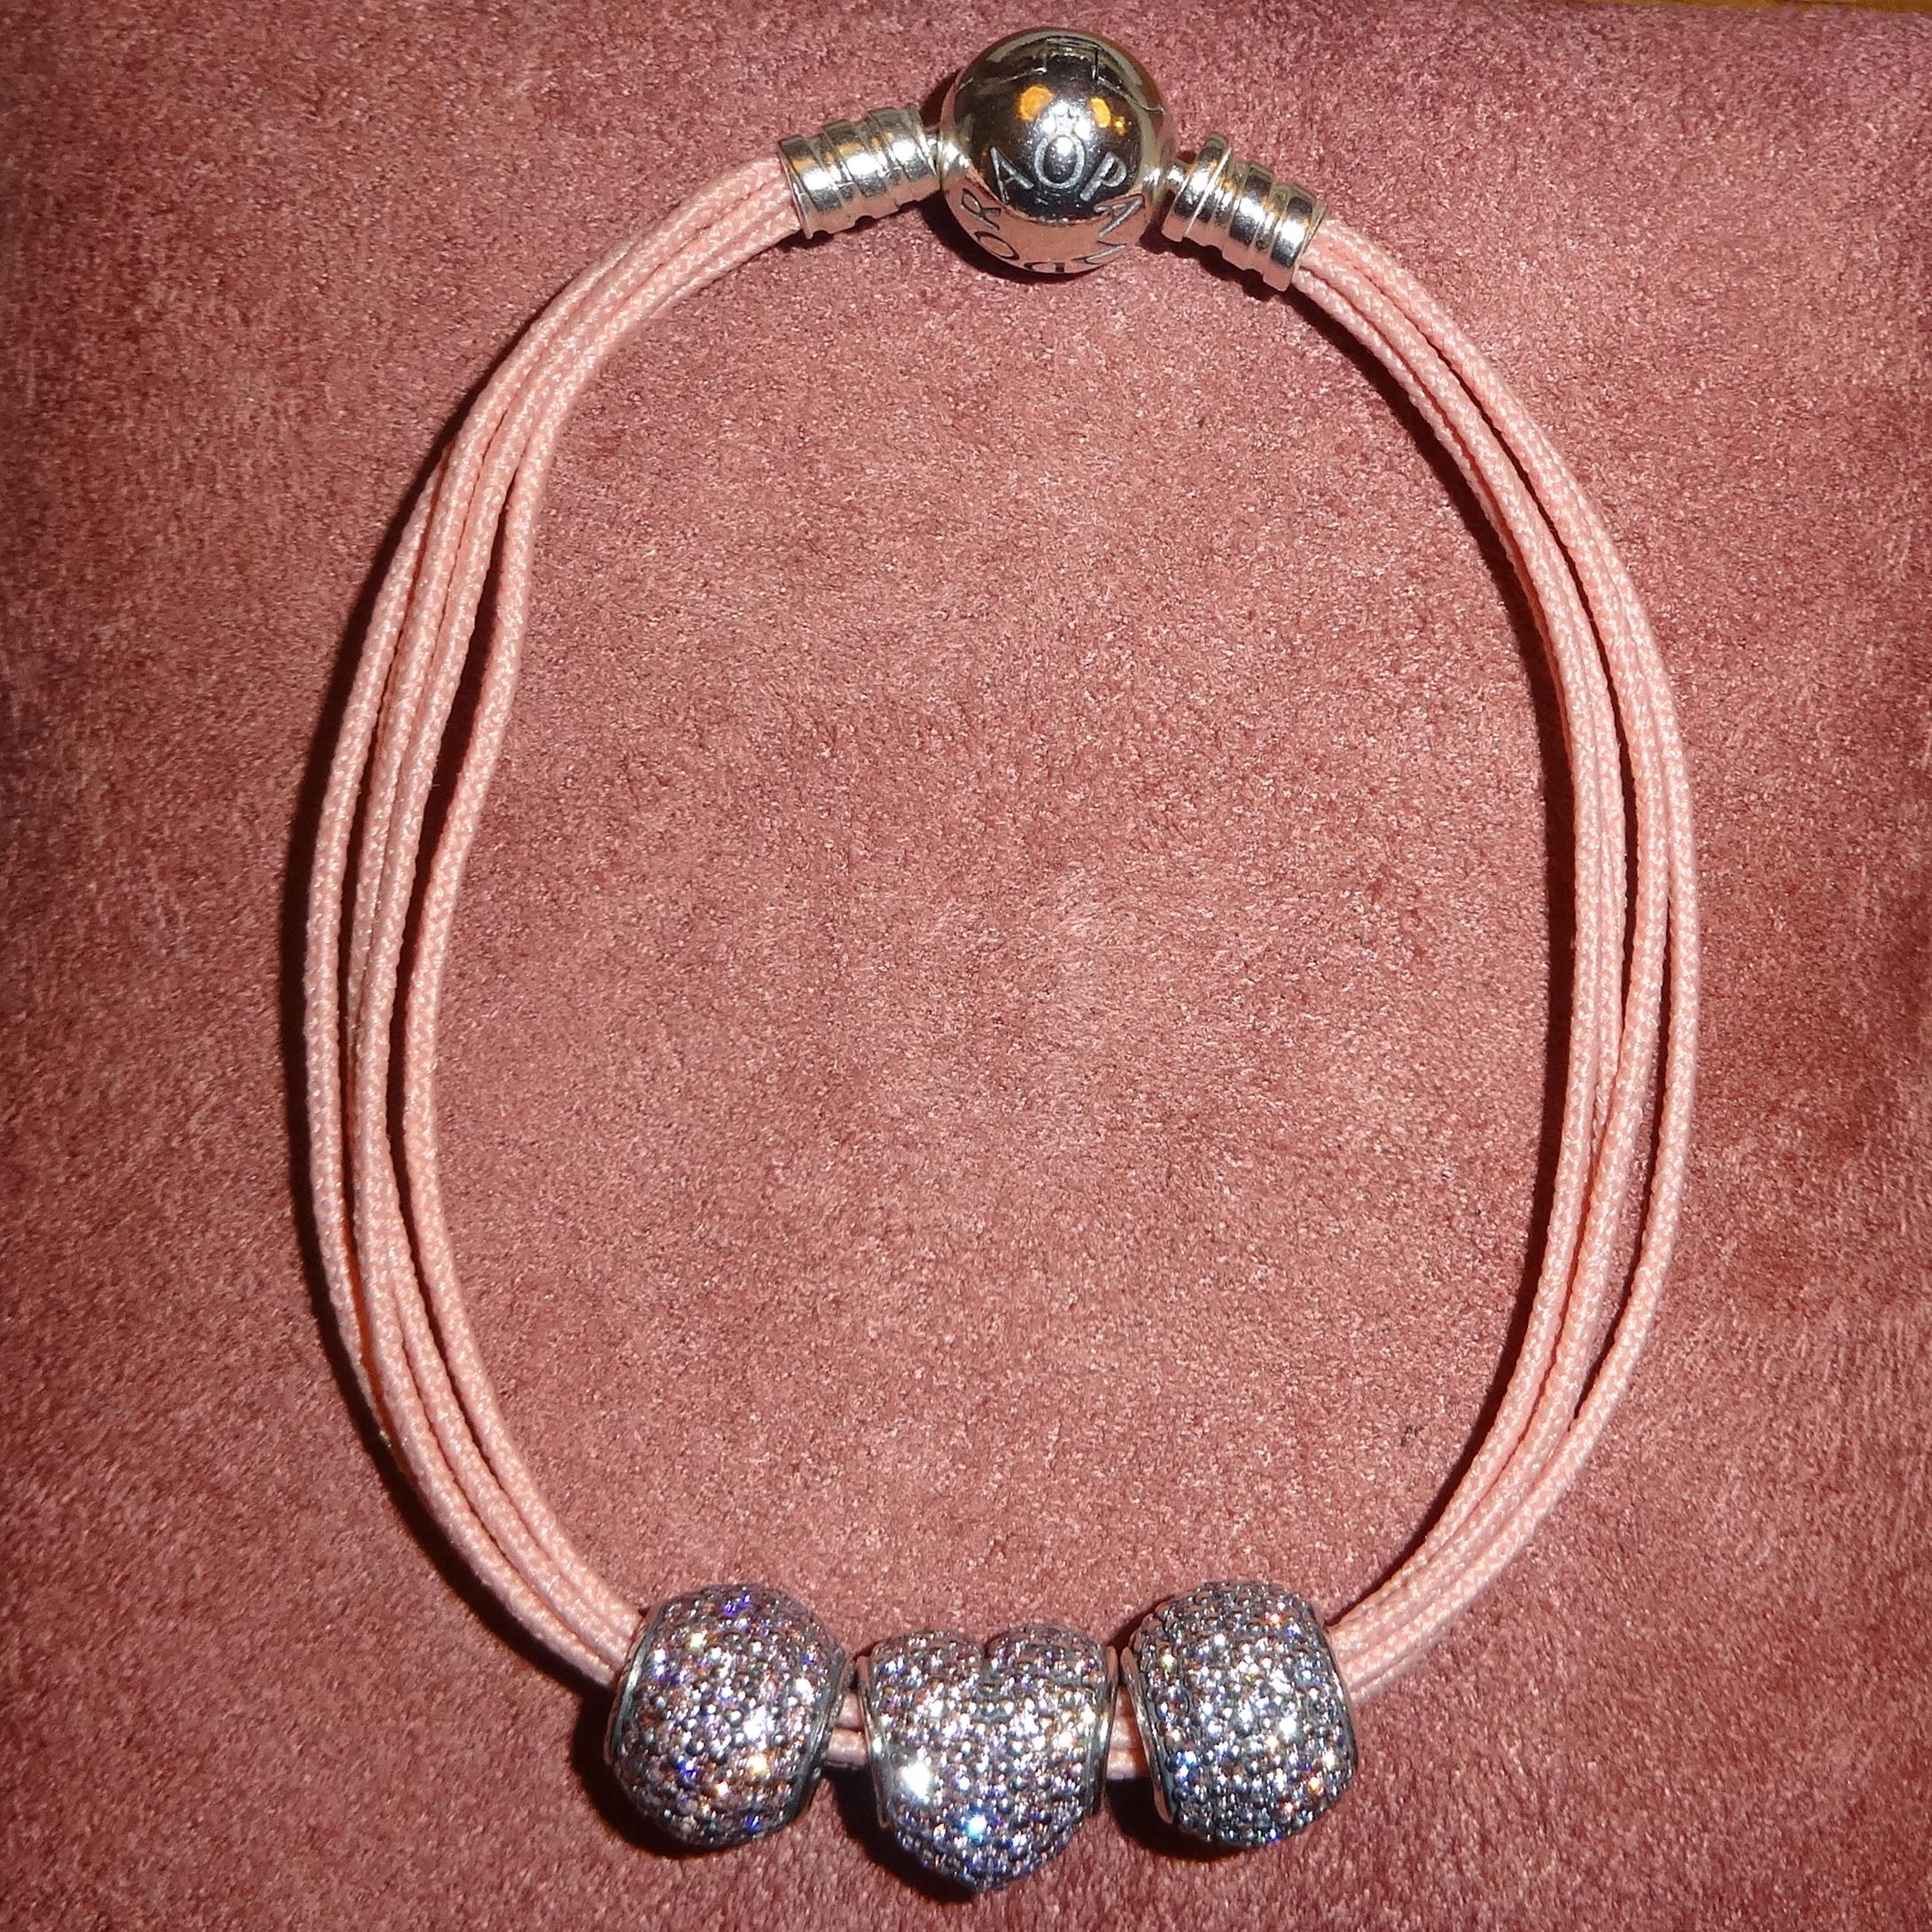 Pandora Pavé Charms on Moments Multi-Strand Bracelet, soft pink